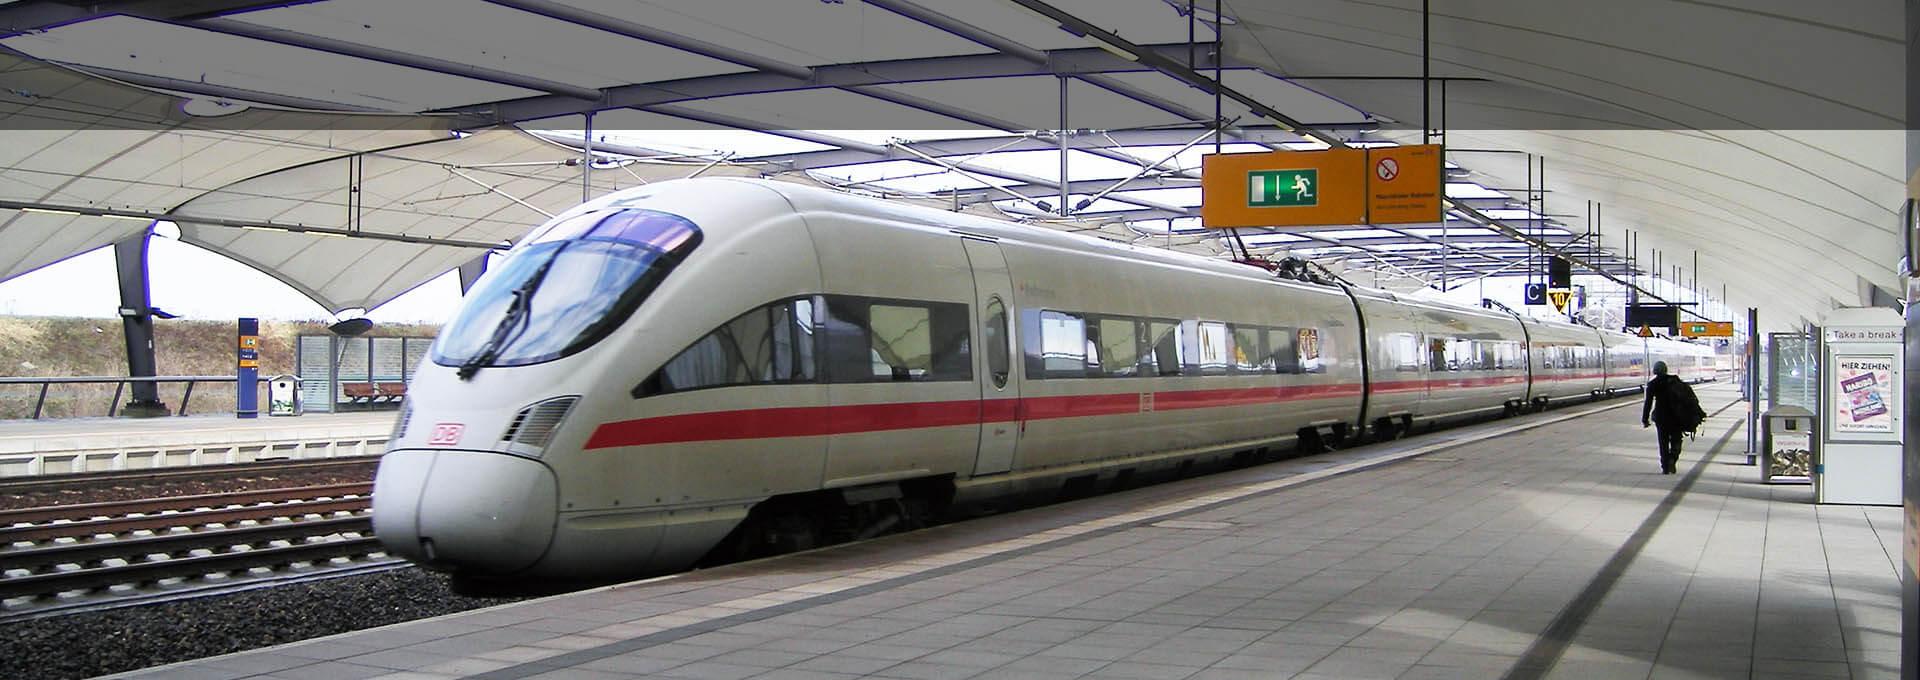 Fachbereich Eisenbahn - Spiekermann GmbH Consulting Engineers